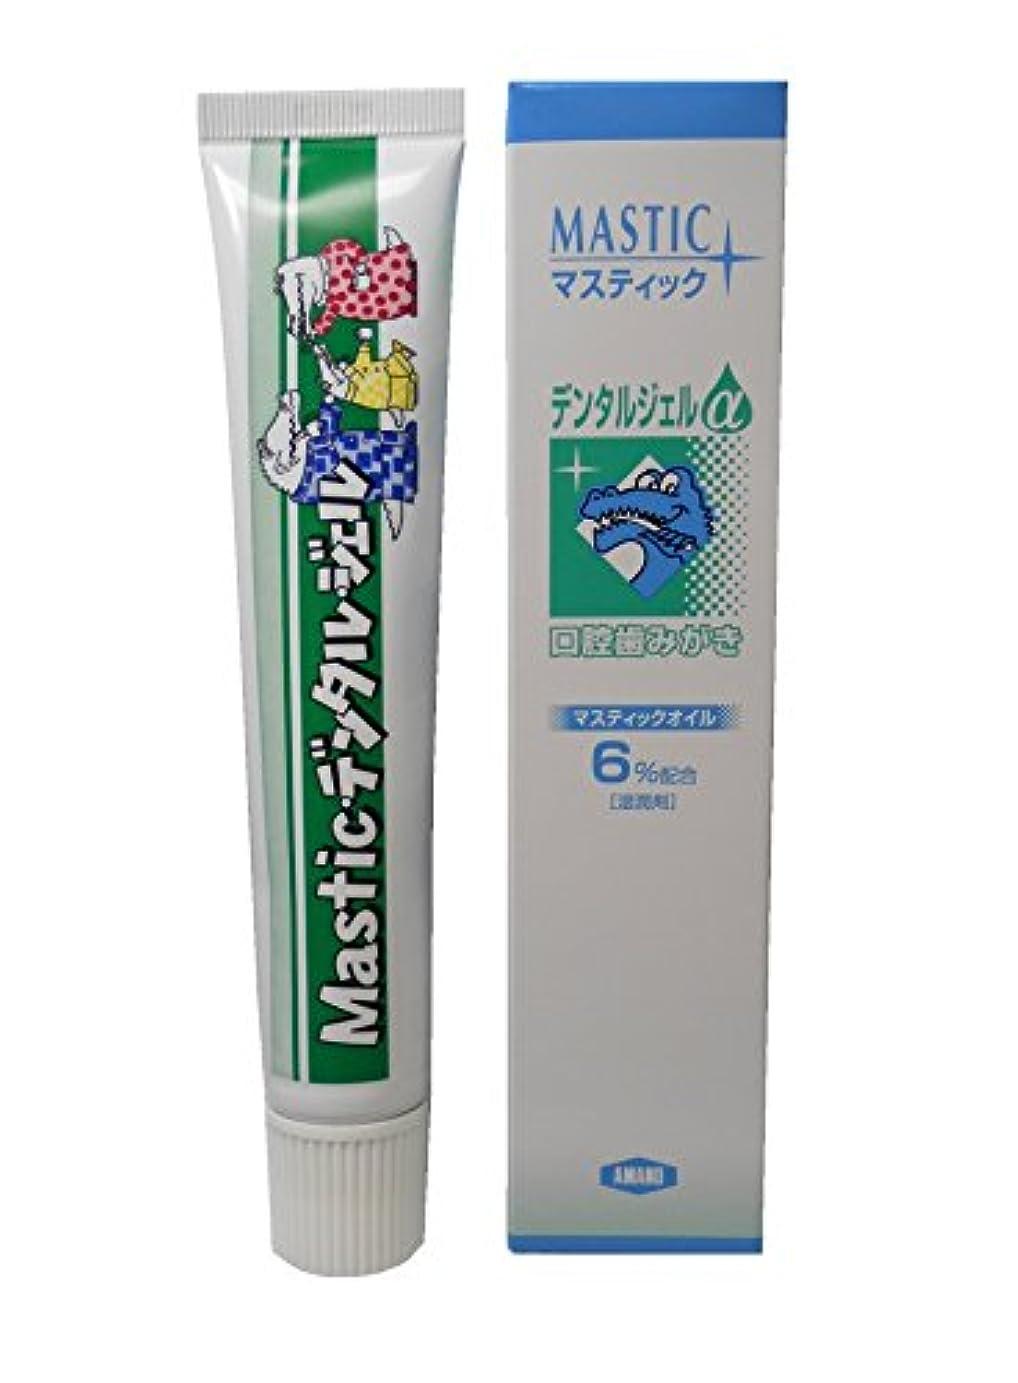 広々とした改修幻影MASTIC マスティックデンタルジェルα45g(6%配合)+MASTIC デンタルエッセンスジェルMSローヤルⅡ増量50g(10%配合)お試しセット